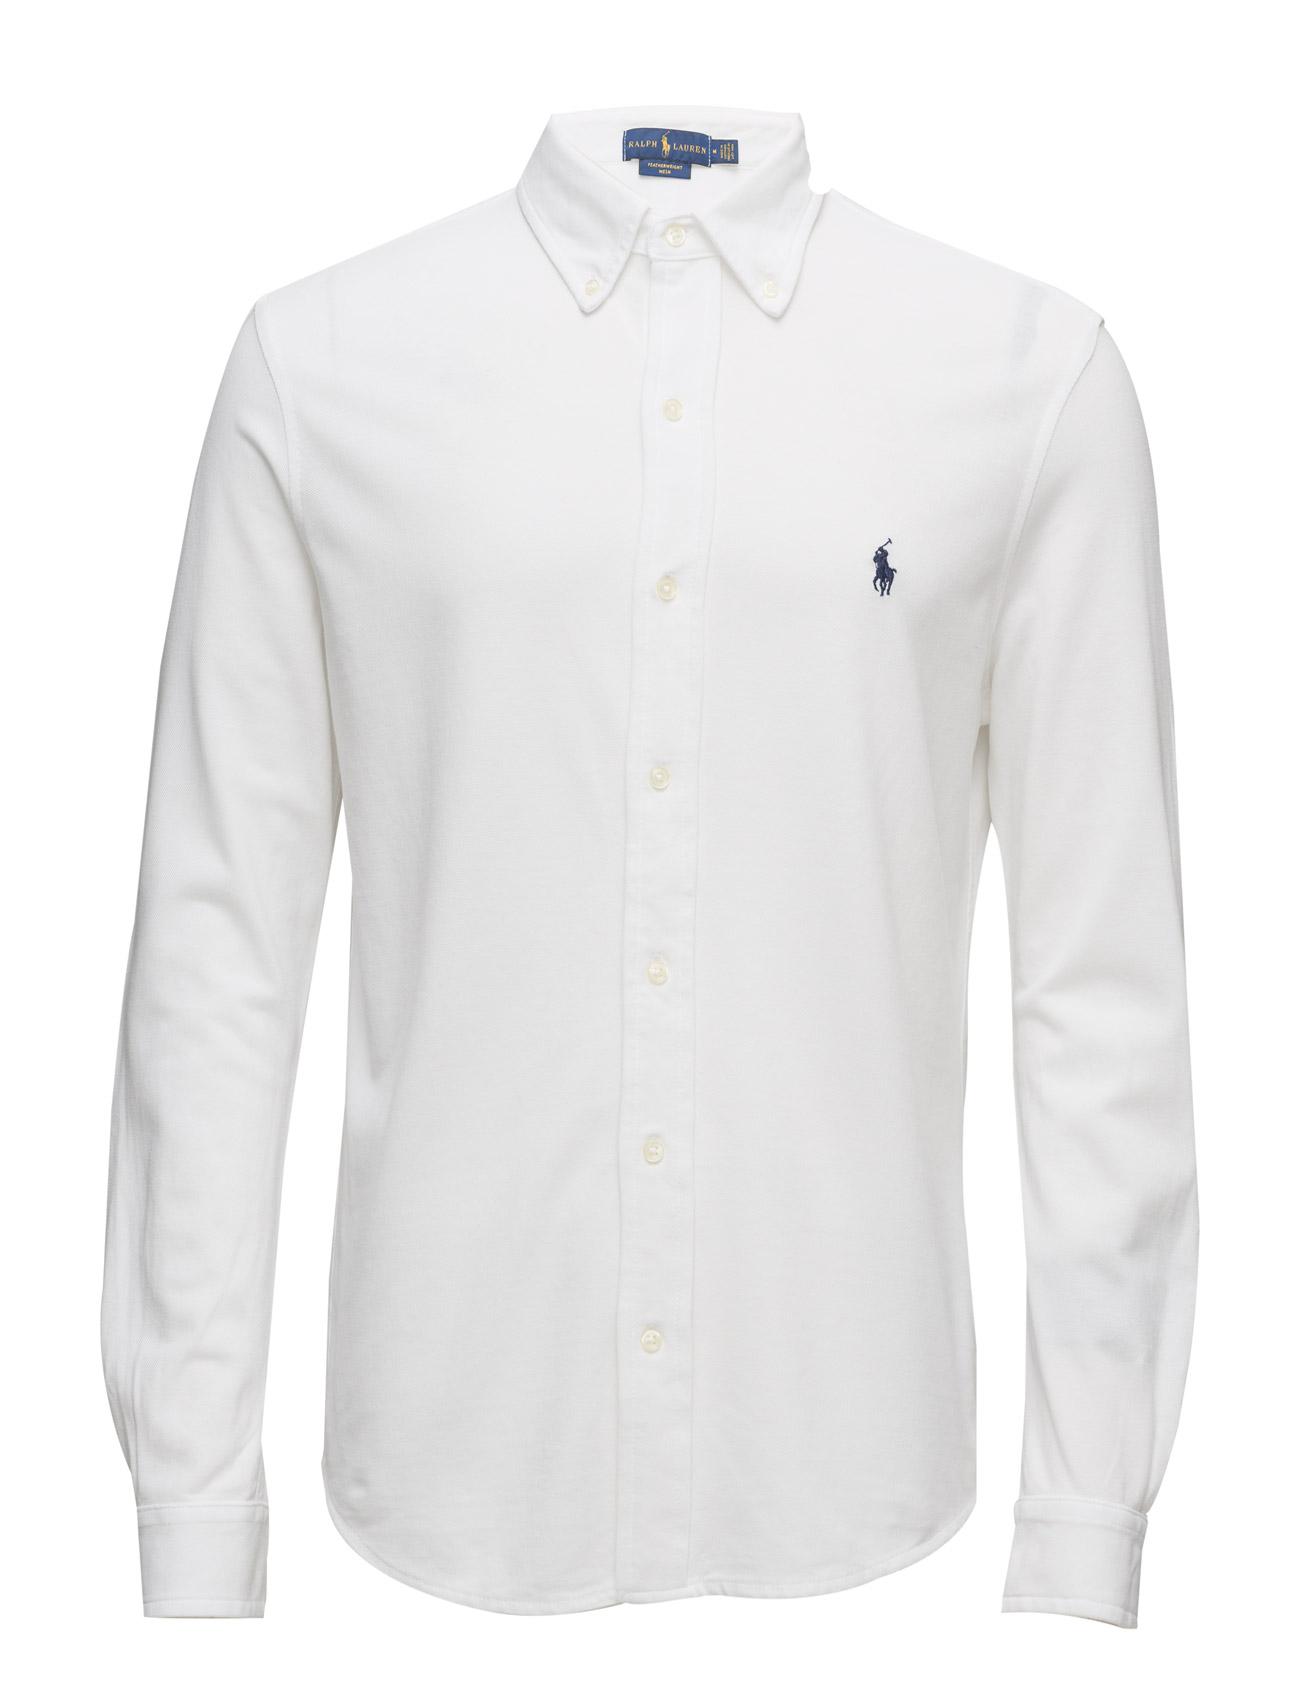 Polo Ralph Lauren Custom Fit Featherweight Mesh Shirt